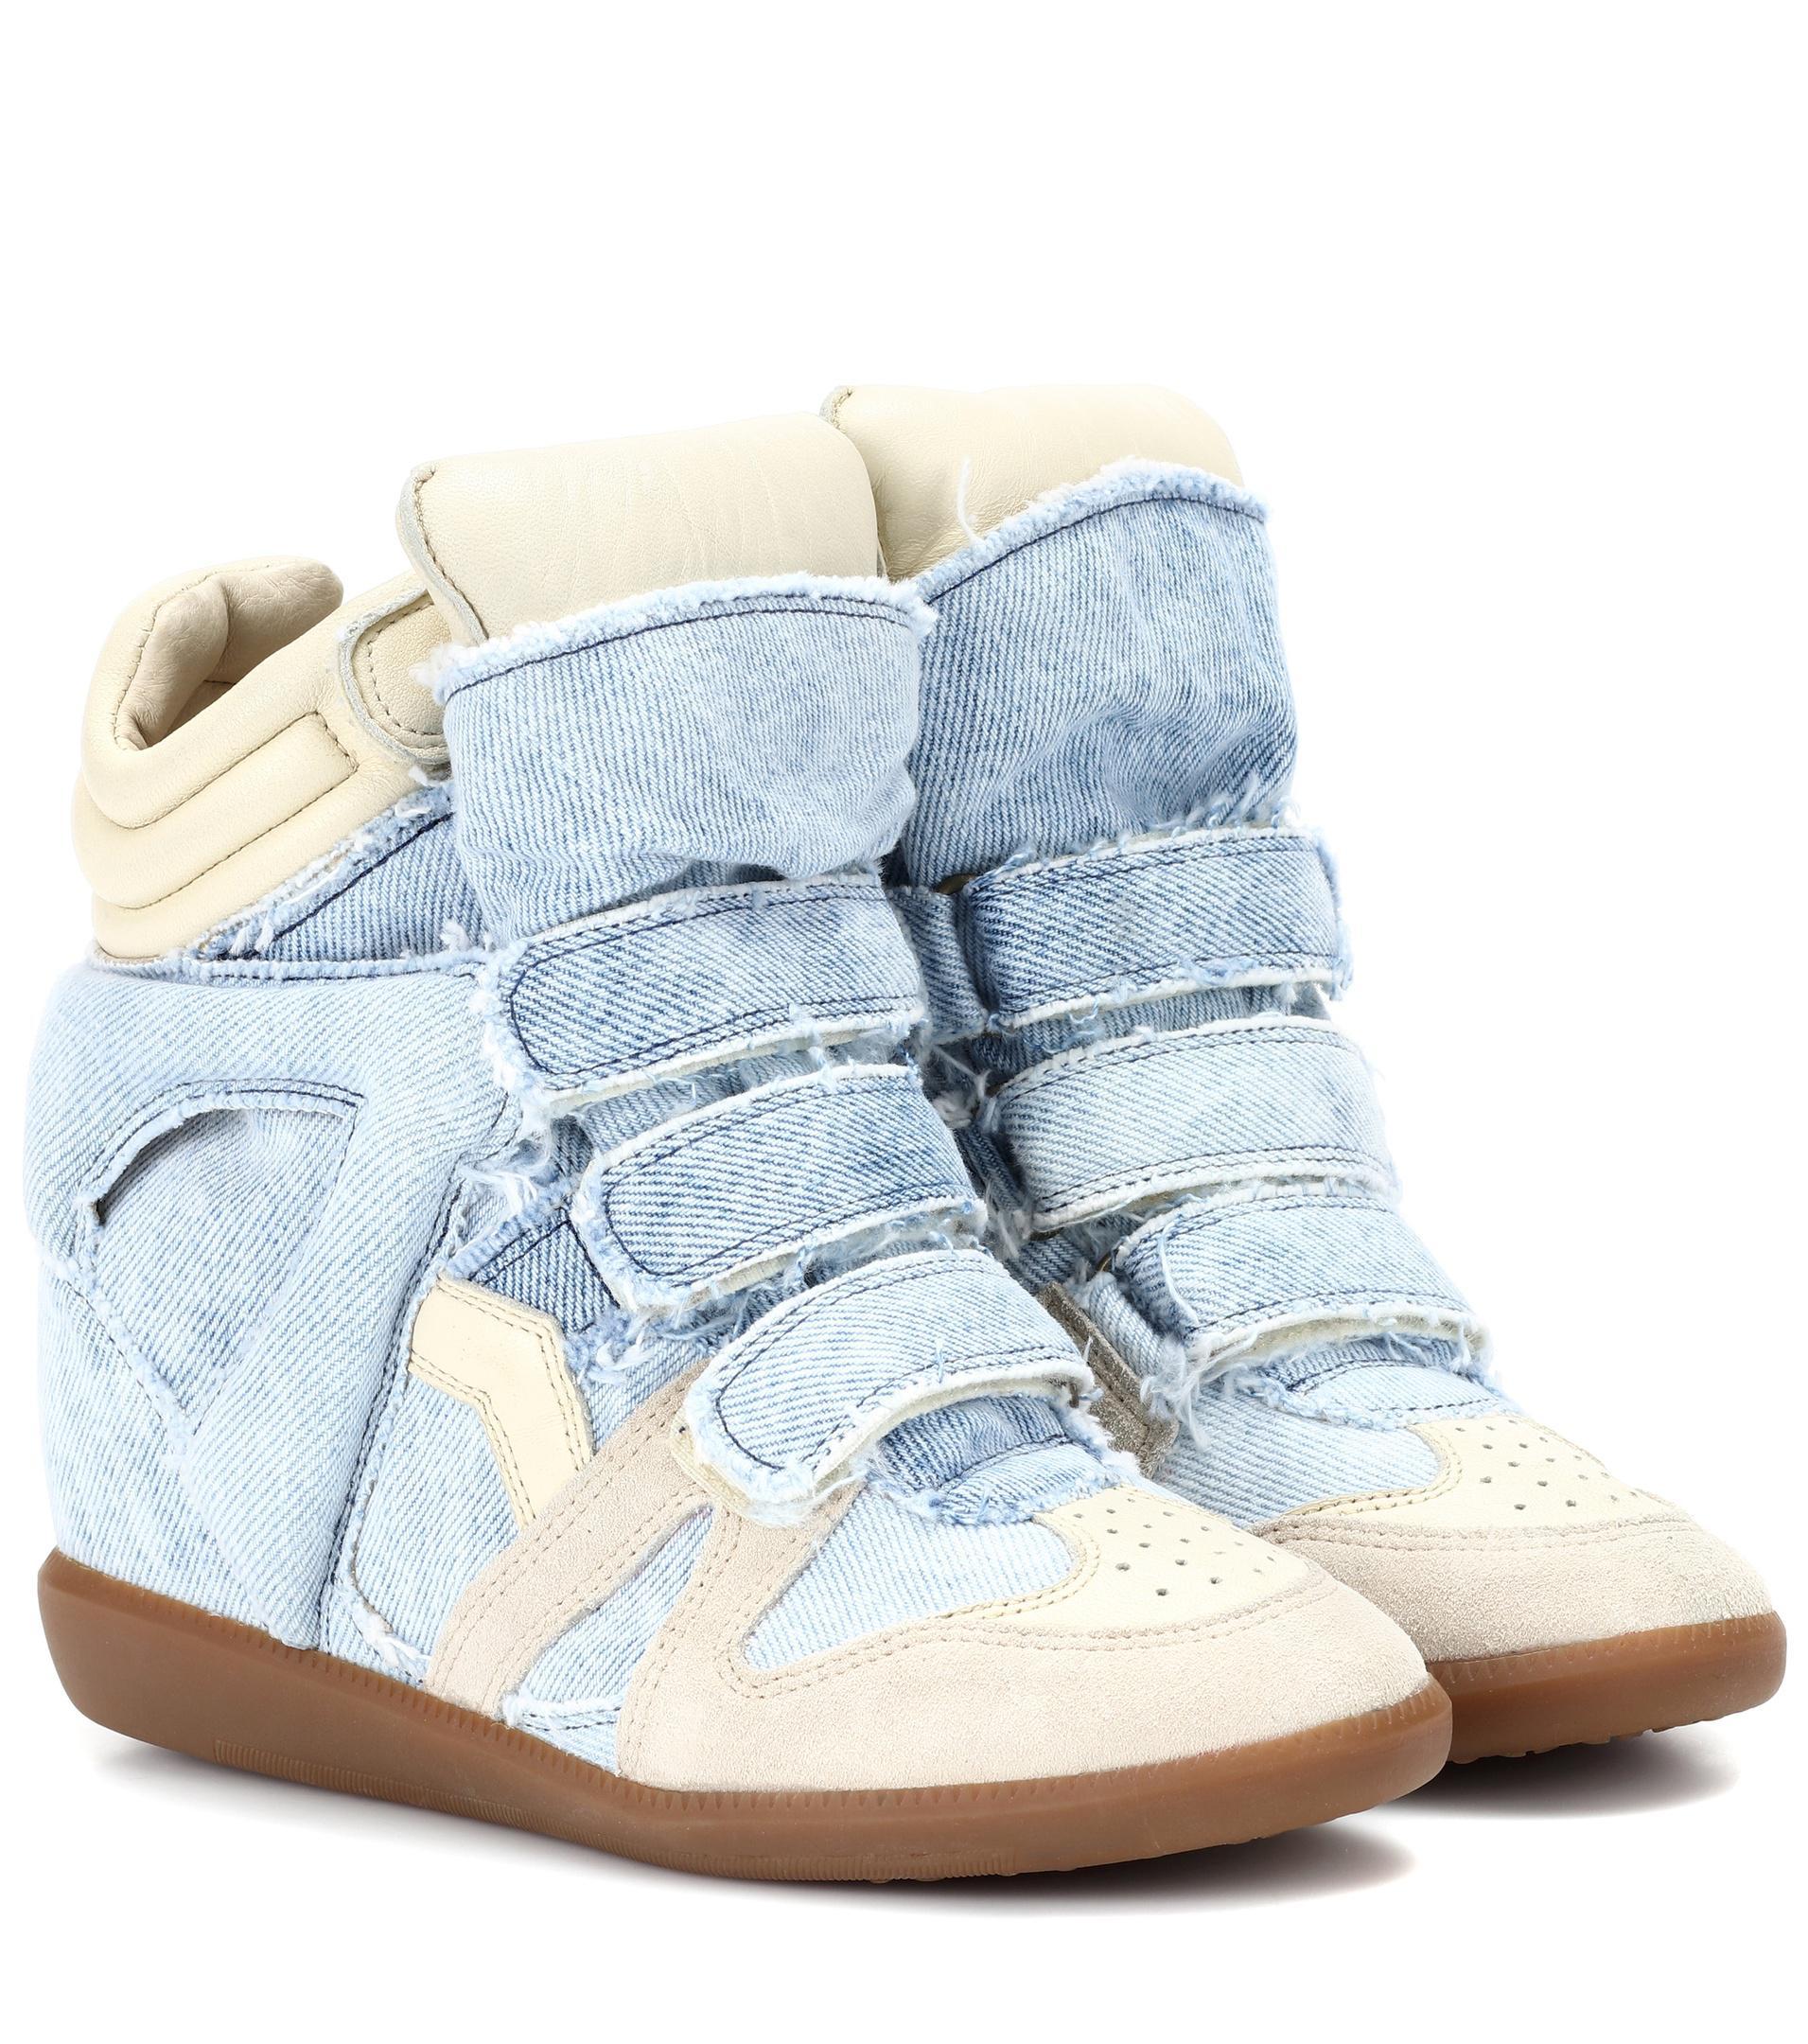 Buckee leather-trim neoprene wedge sneakers Isabel Marant gHIc8c1G